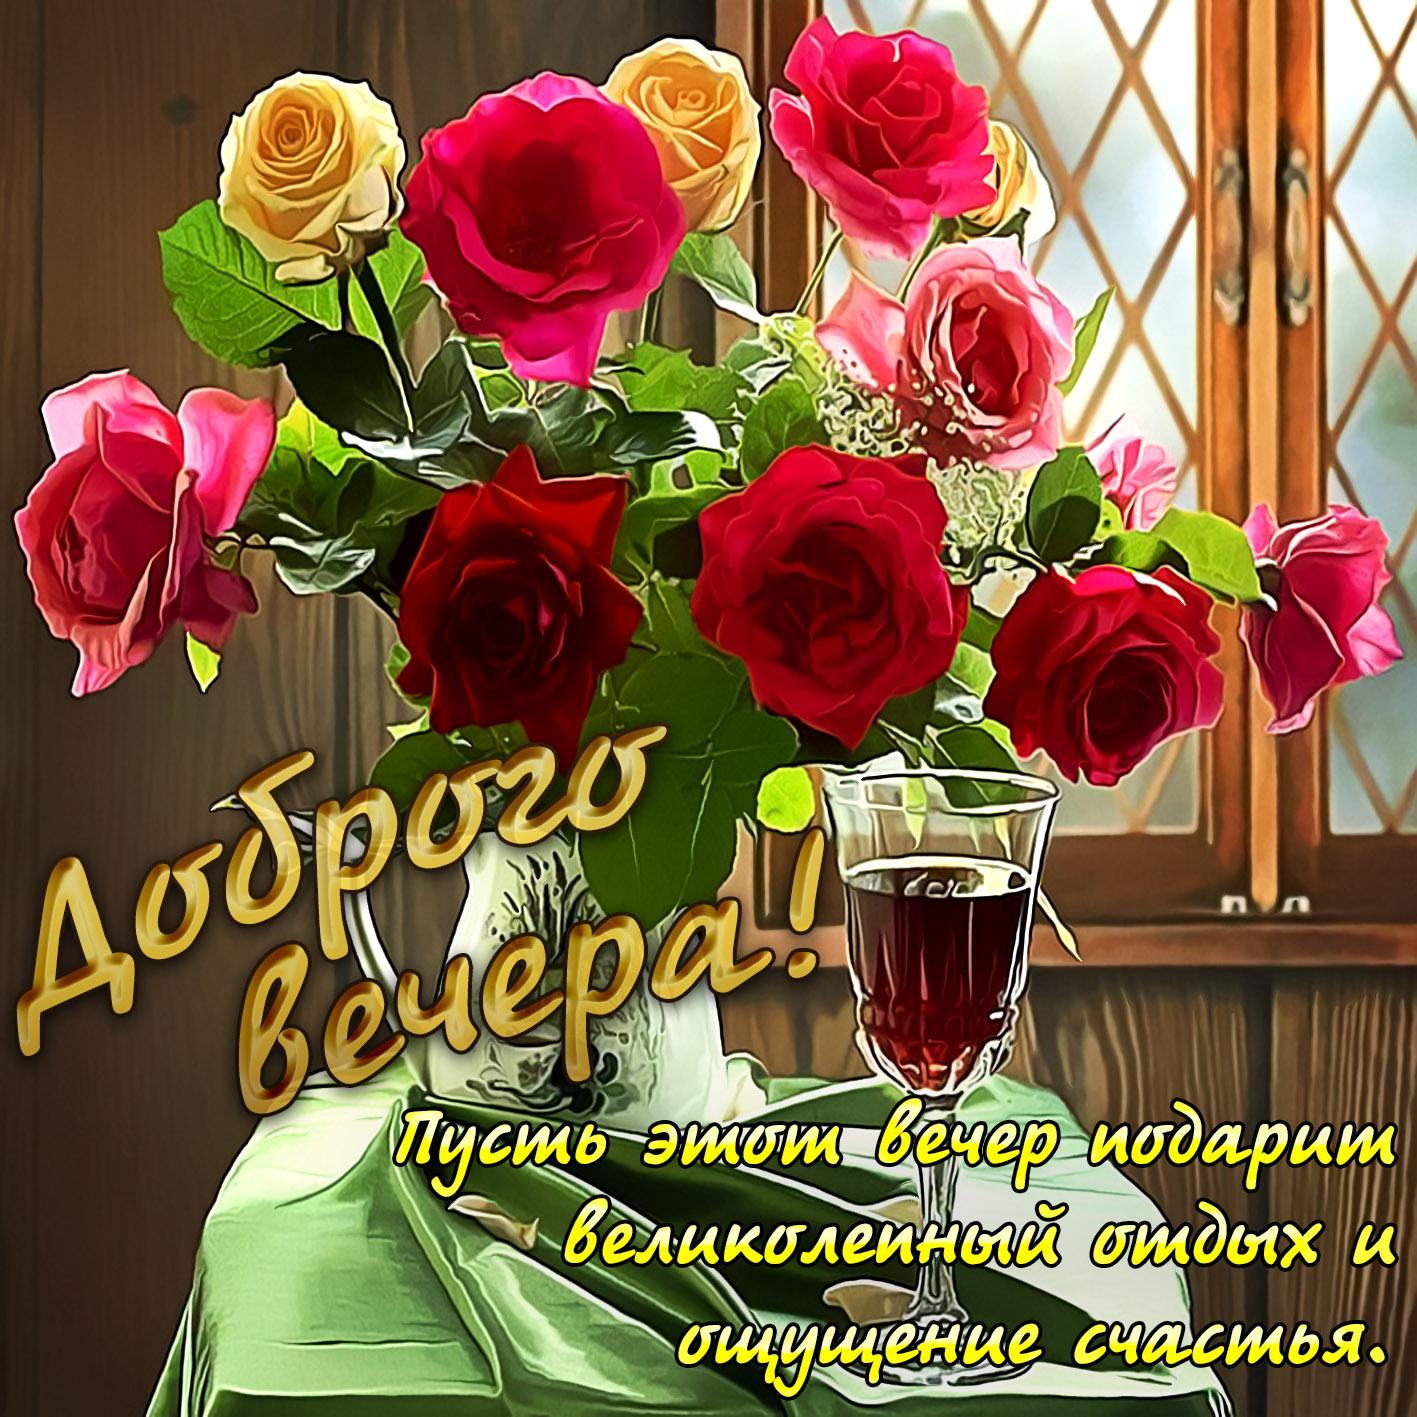 Картинка добрый вечер с красивым букетом цветов у окна